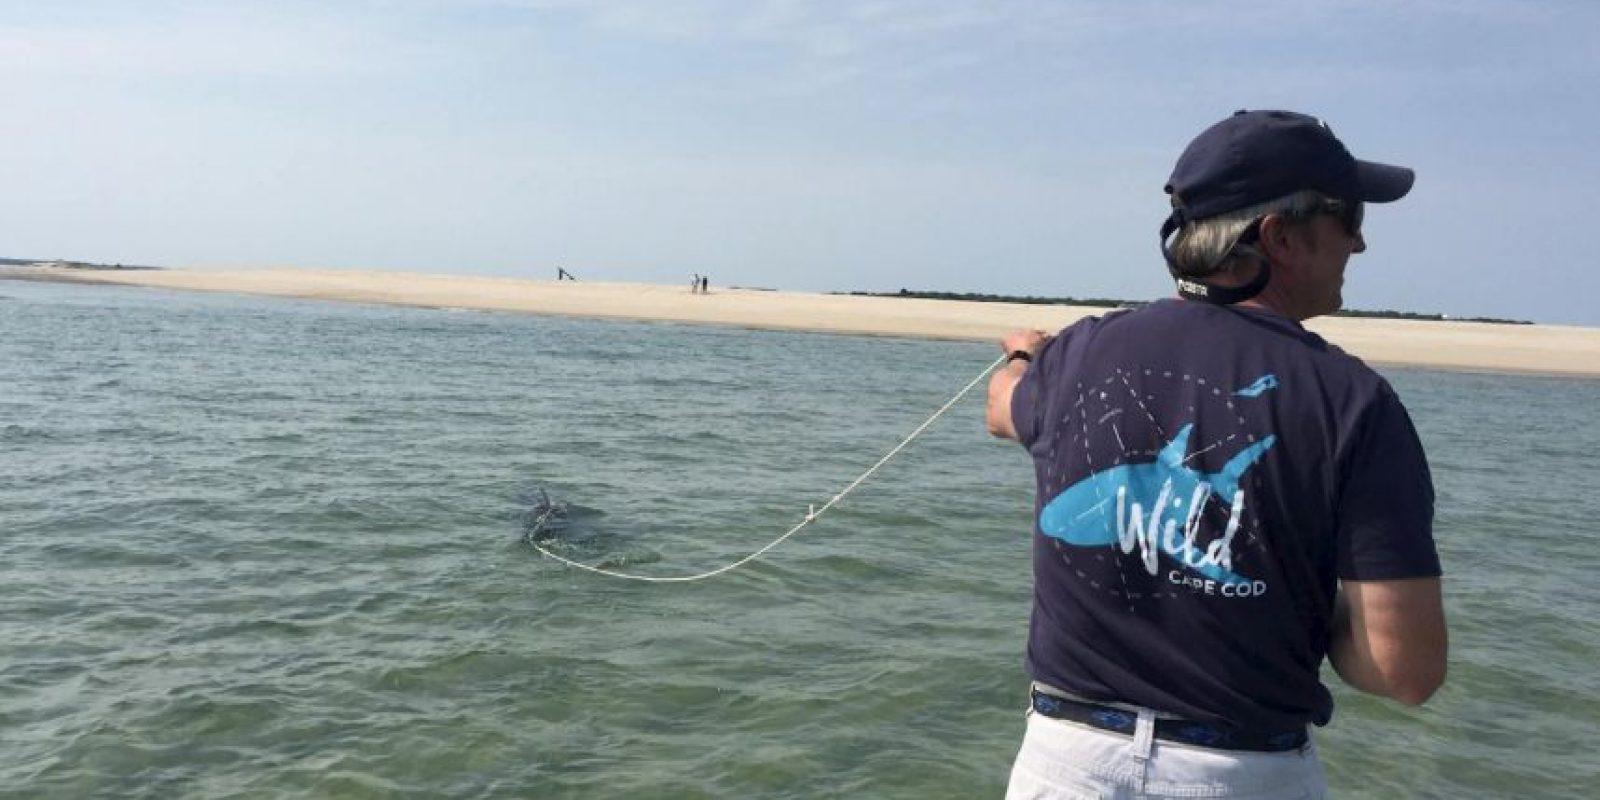 Para luego encargarse de que el animal fuera liberado lejos de la costa. Foto:Vía facebook.com/atlanticwhiteshark